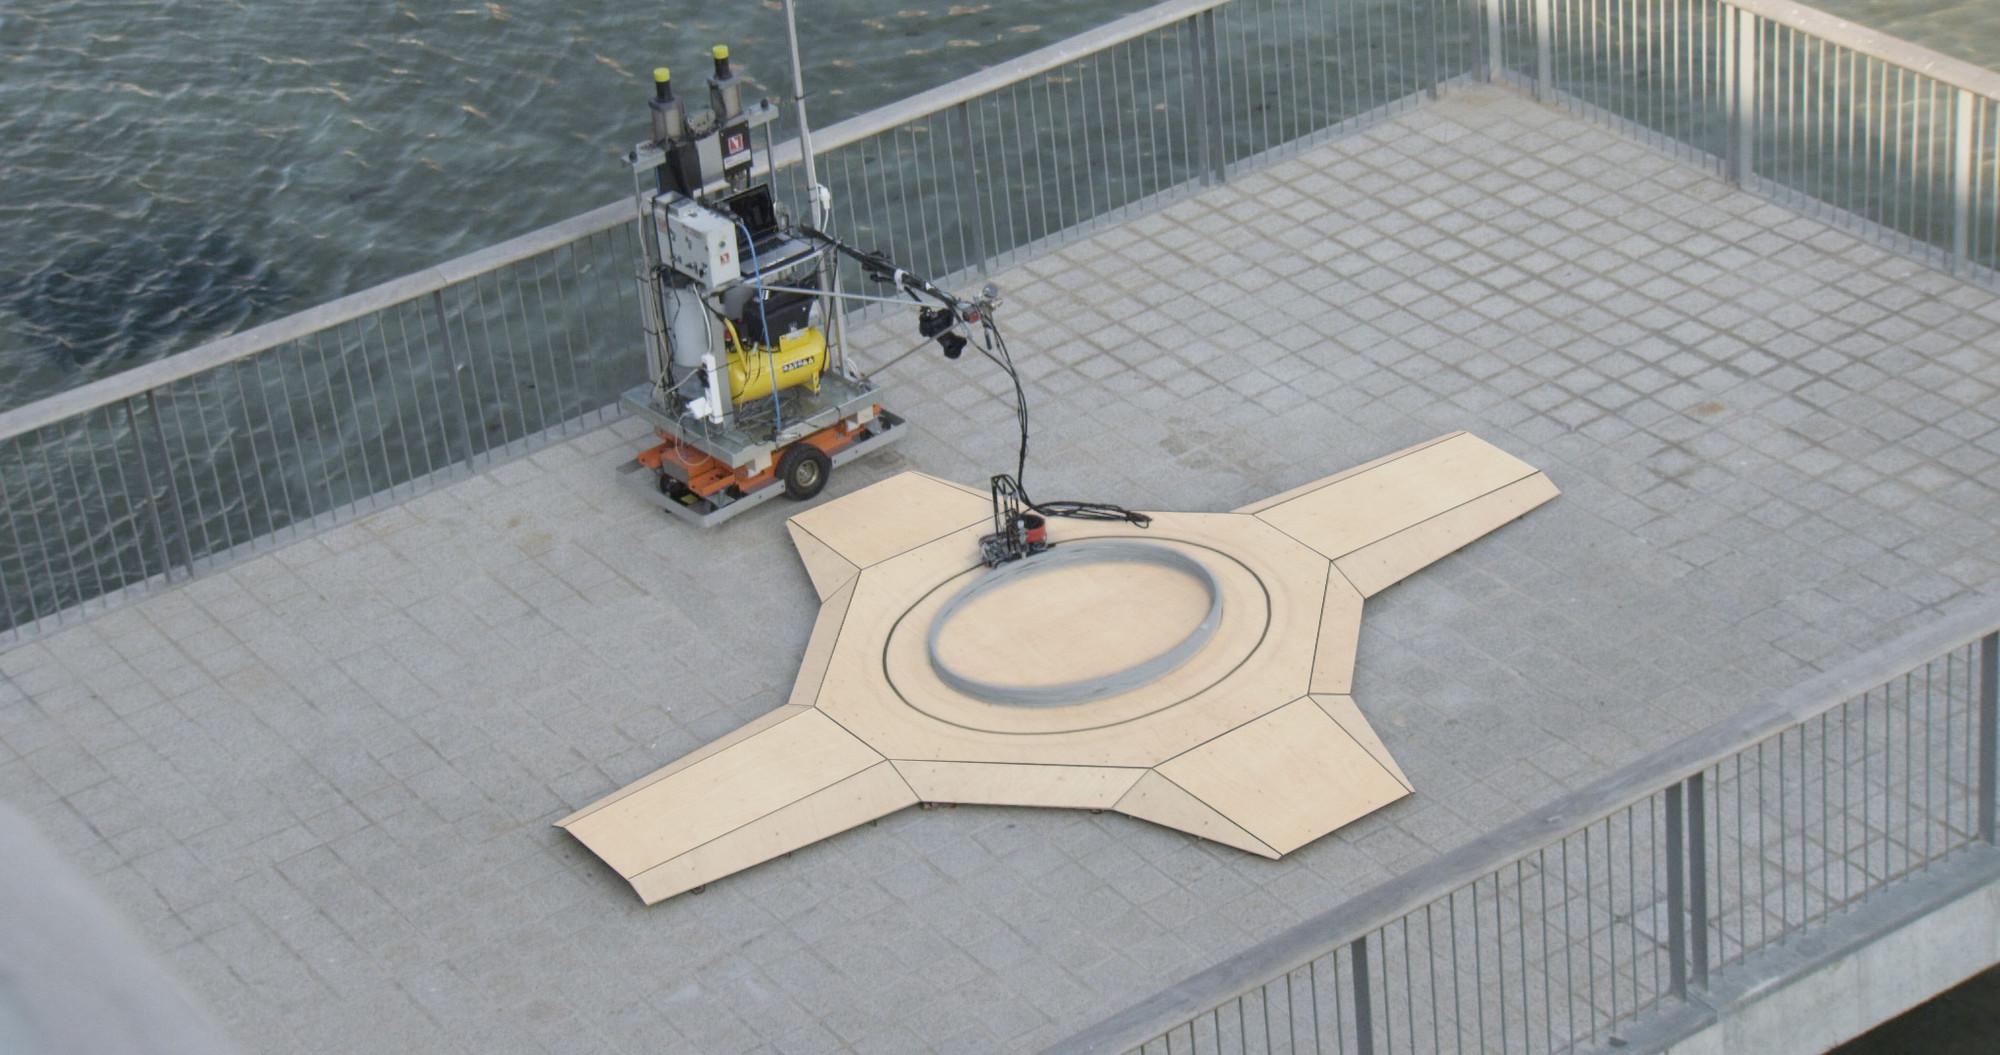 Construcción del nivel de base. Imágen cortesía del Instituto de Arquitectura Avanzada de Cataluña